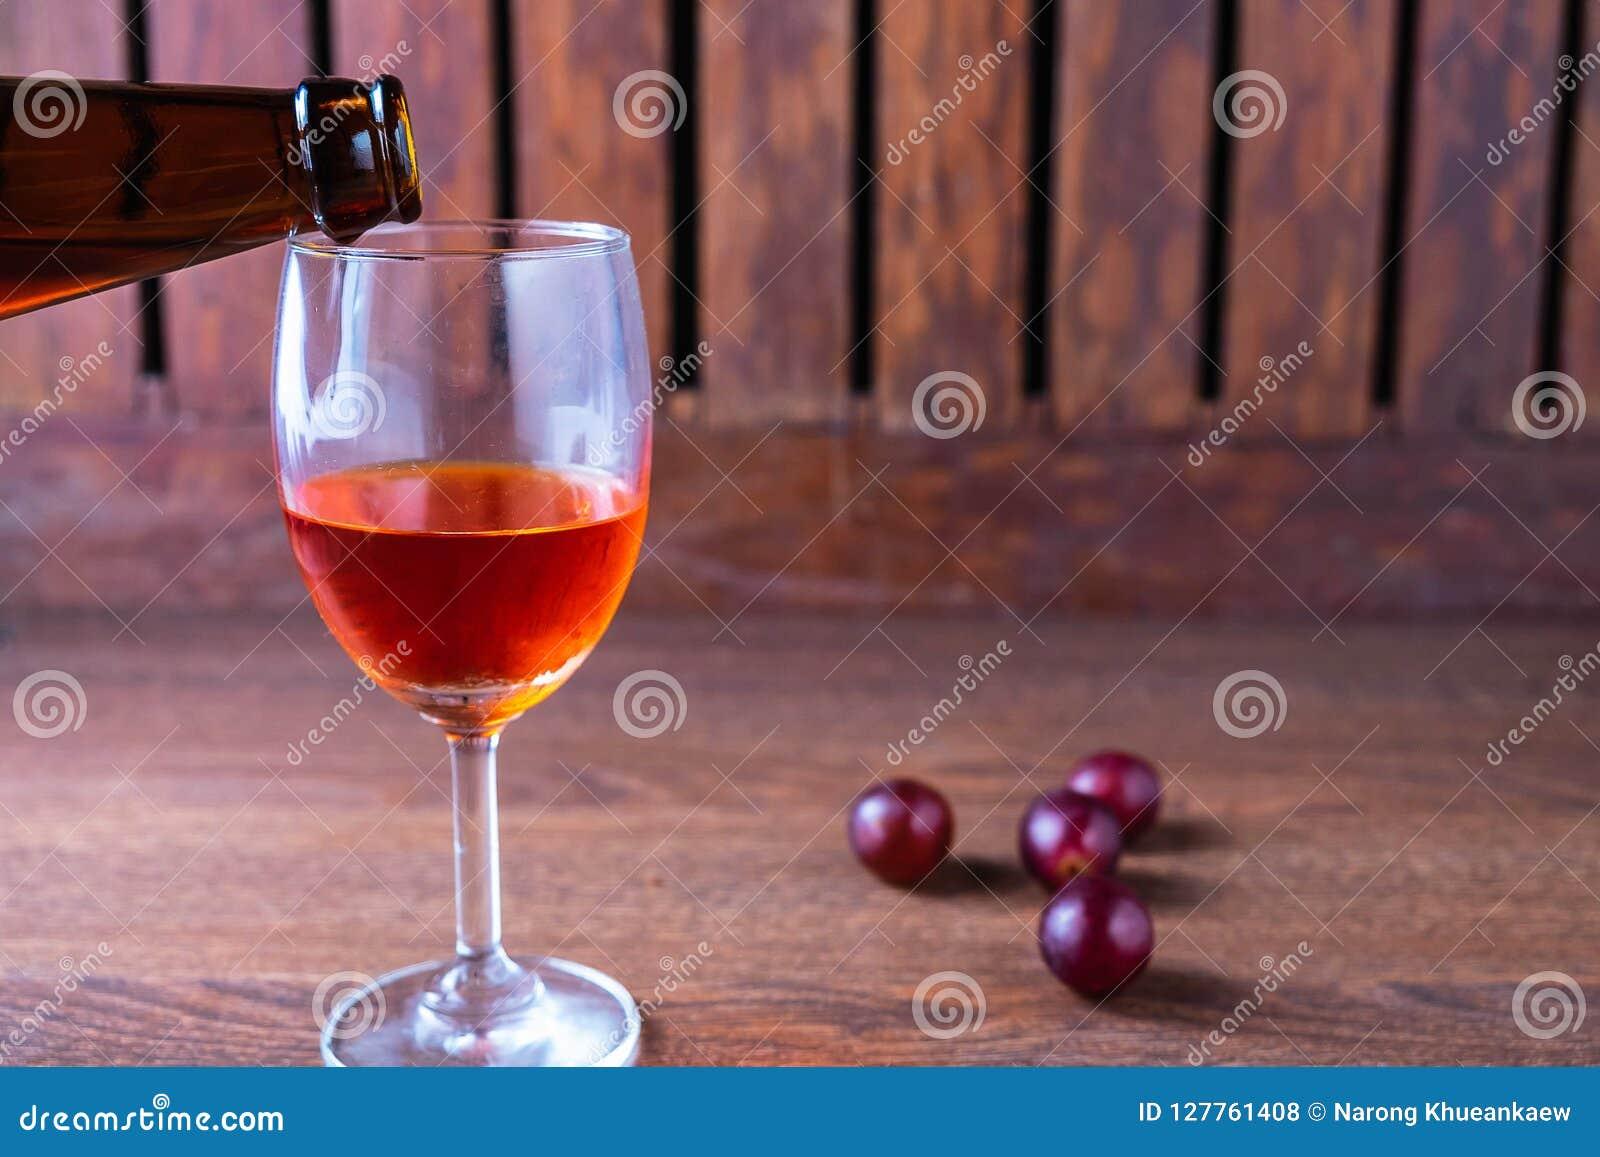 Χύστε το κόκκινο κρασί σε ένα ποτήρι του κρασιού σε ένα ξύλινο υπόβαθρο